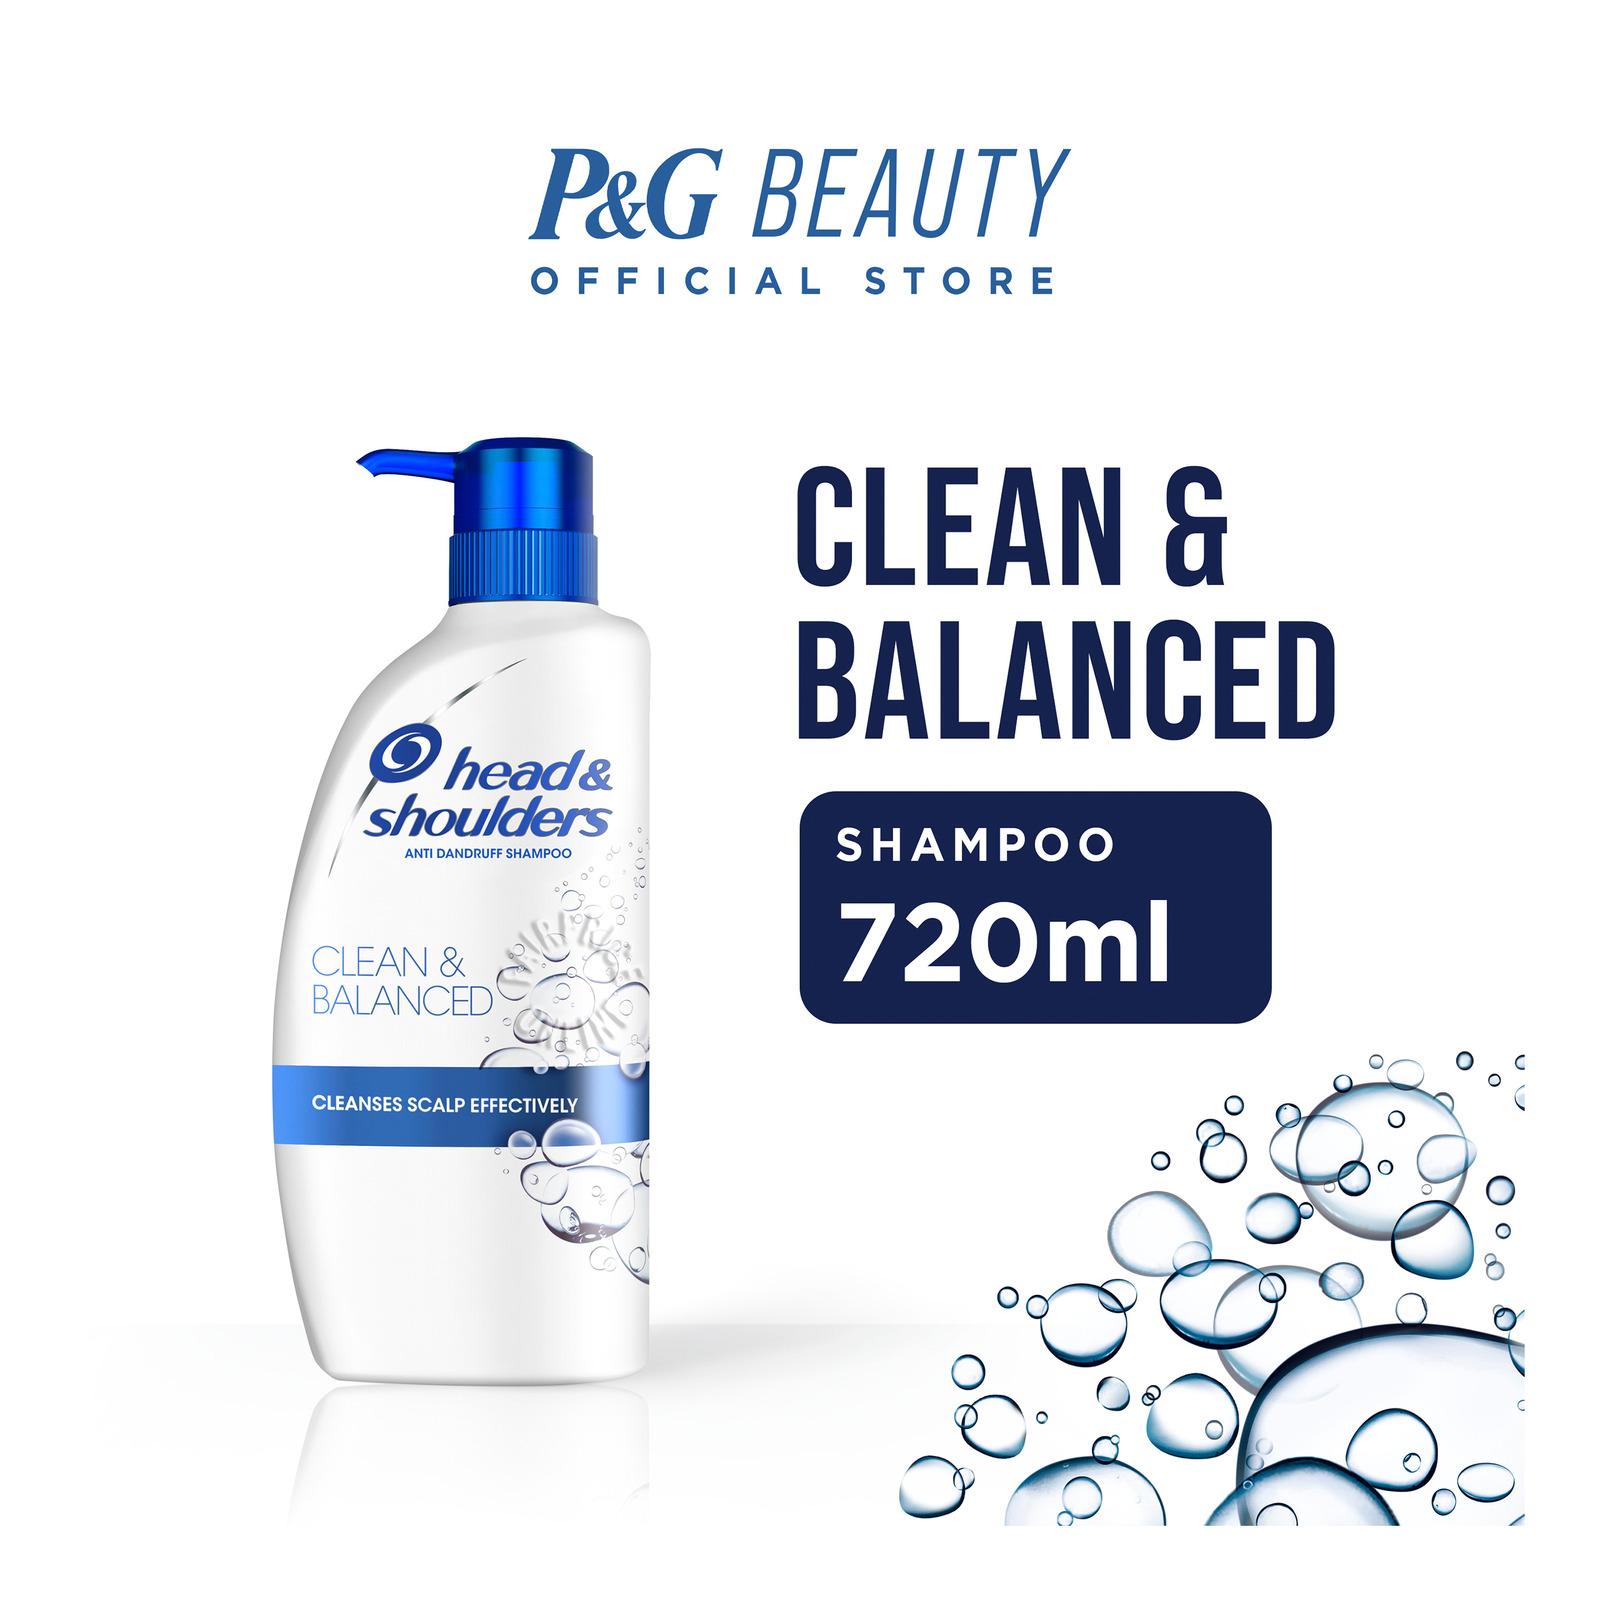 Head & Shoulders Anti-Dandruff Shampoo - Clean & Balanced